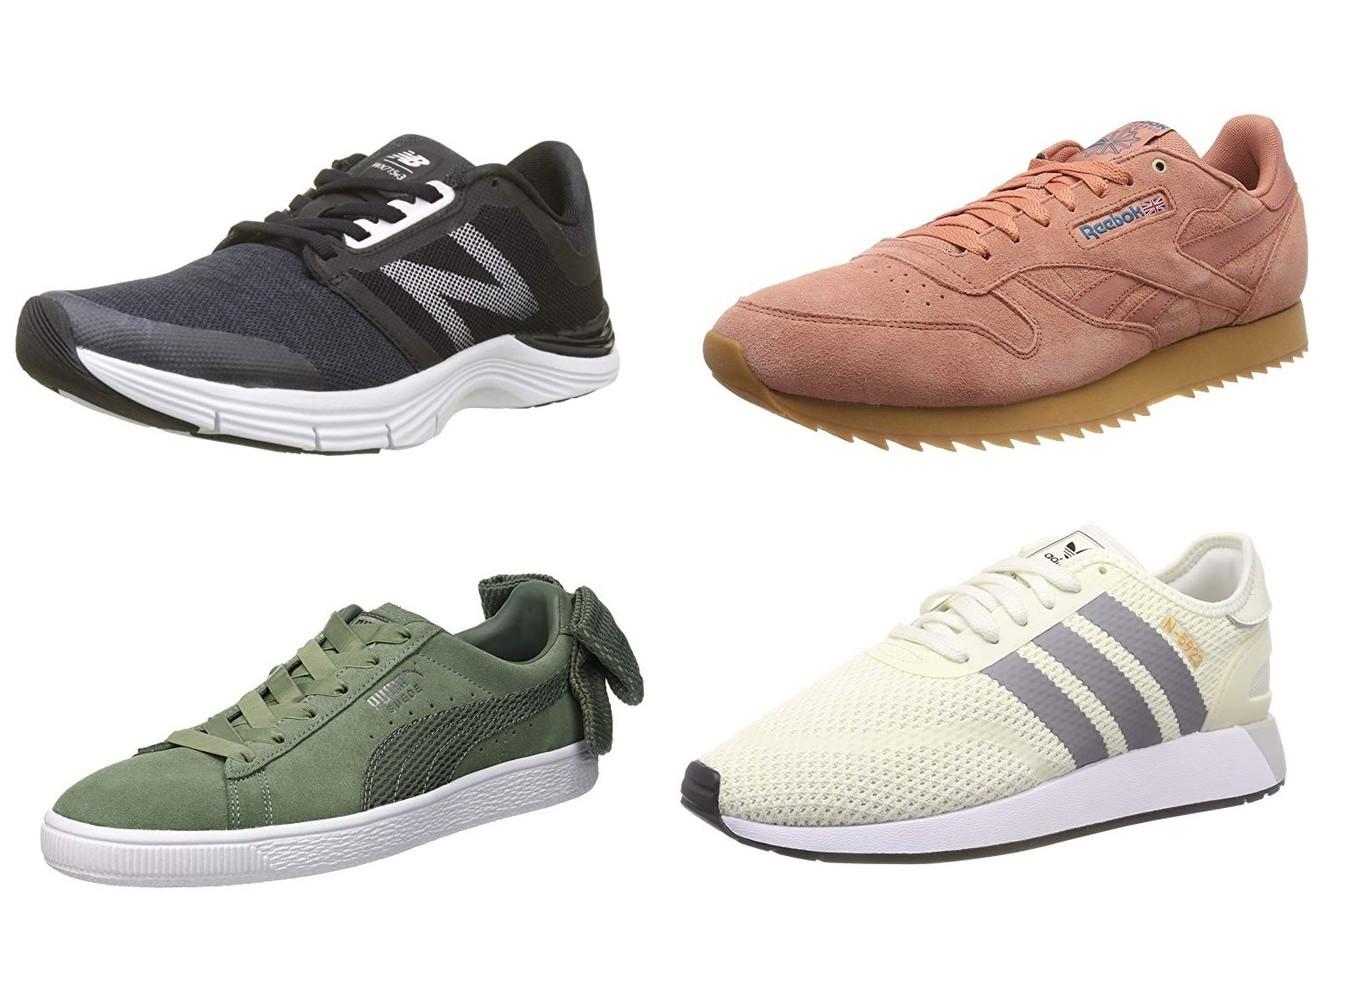 7c57db44b01a Zapatillas Adidas